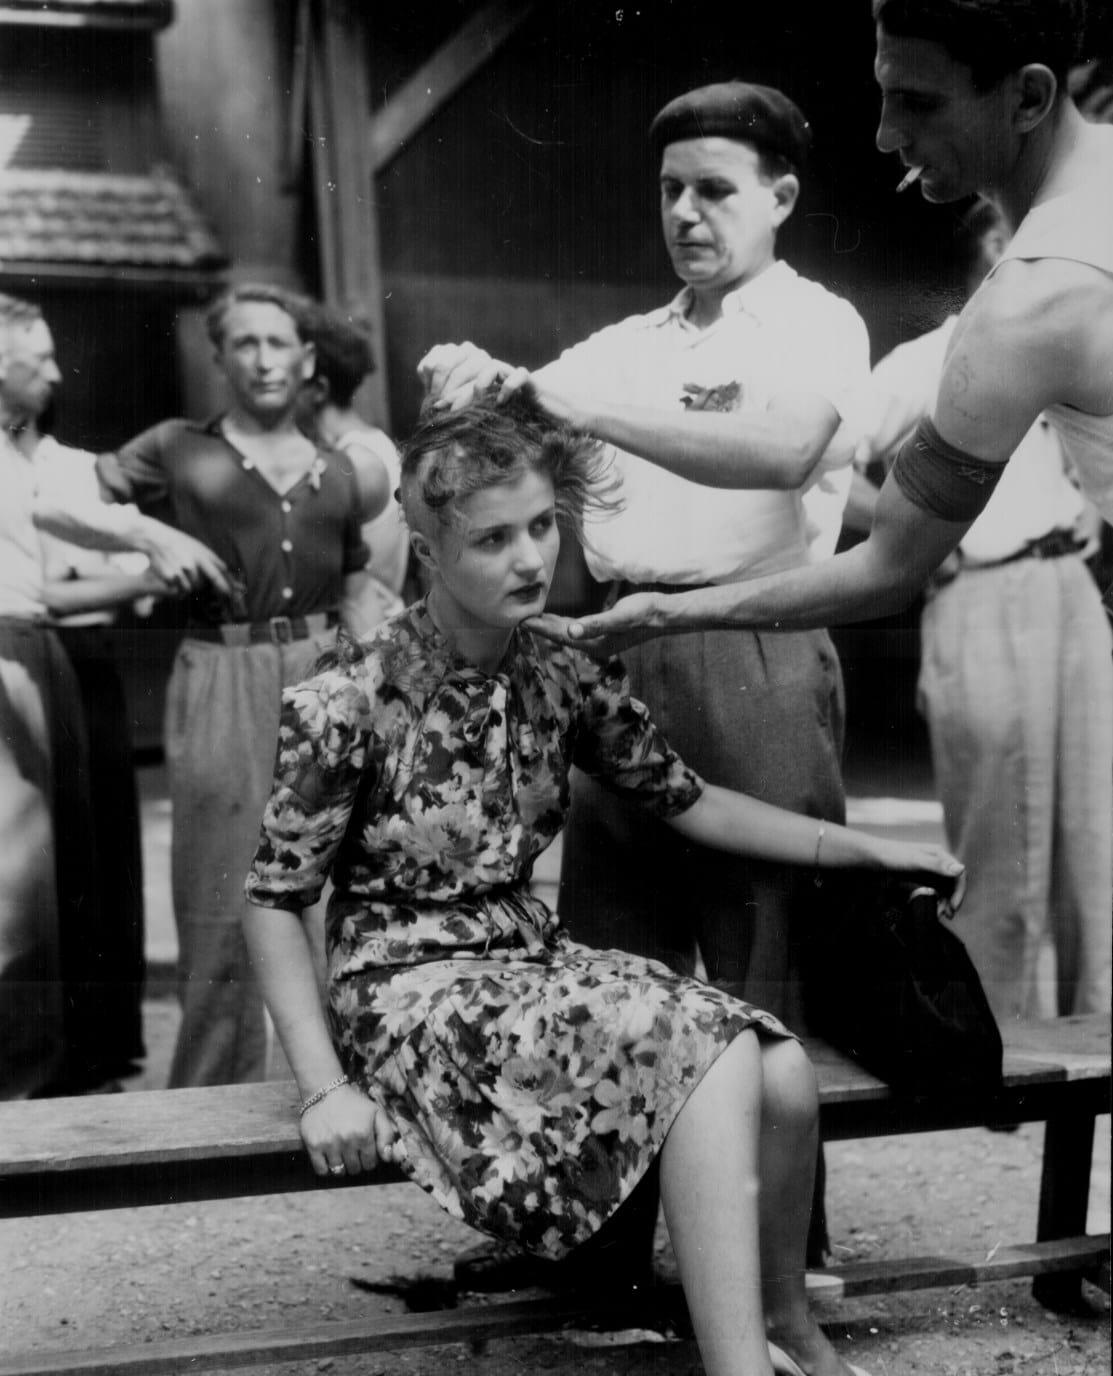 Mulher é humilhada por ter tido relações pessoais com alemães. Civis franceses raspam sua cabeça como punição. Acredita-se que seria uma prostituta que atendia alemães, algo condenável após a libertação da França - agosto de 1944